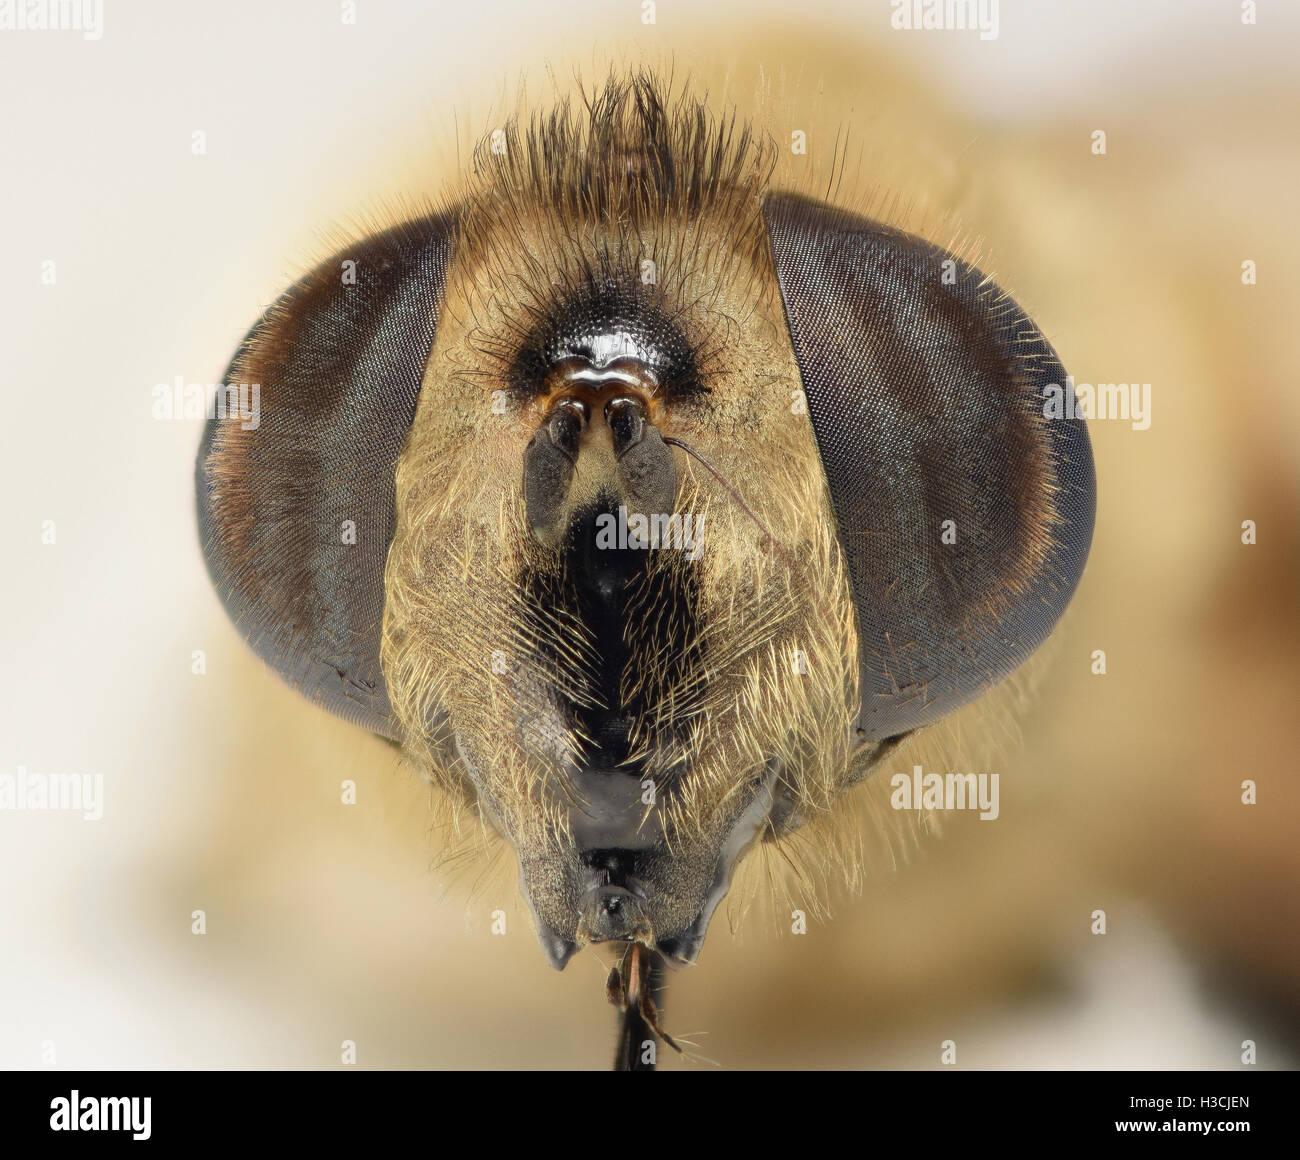 Bee macro head shot at 2:1 magnification - Stock Image